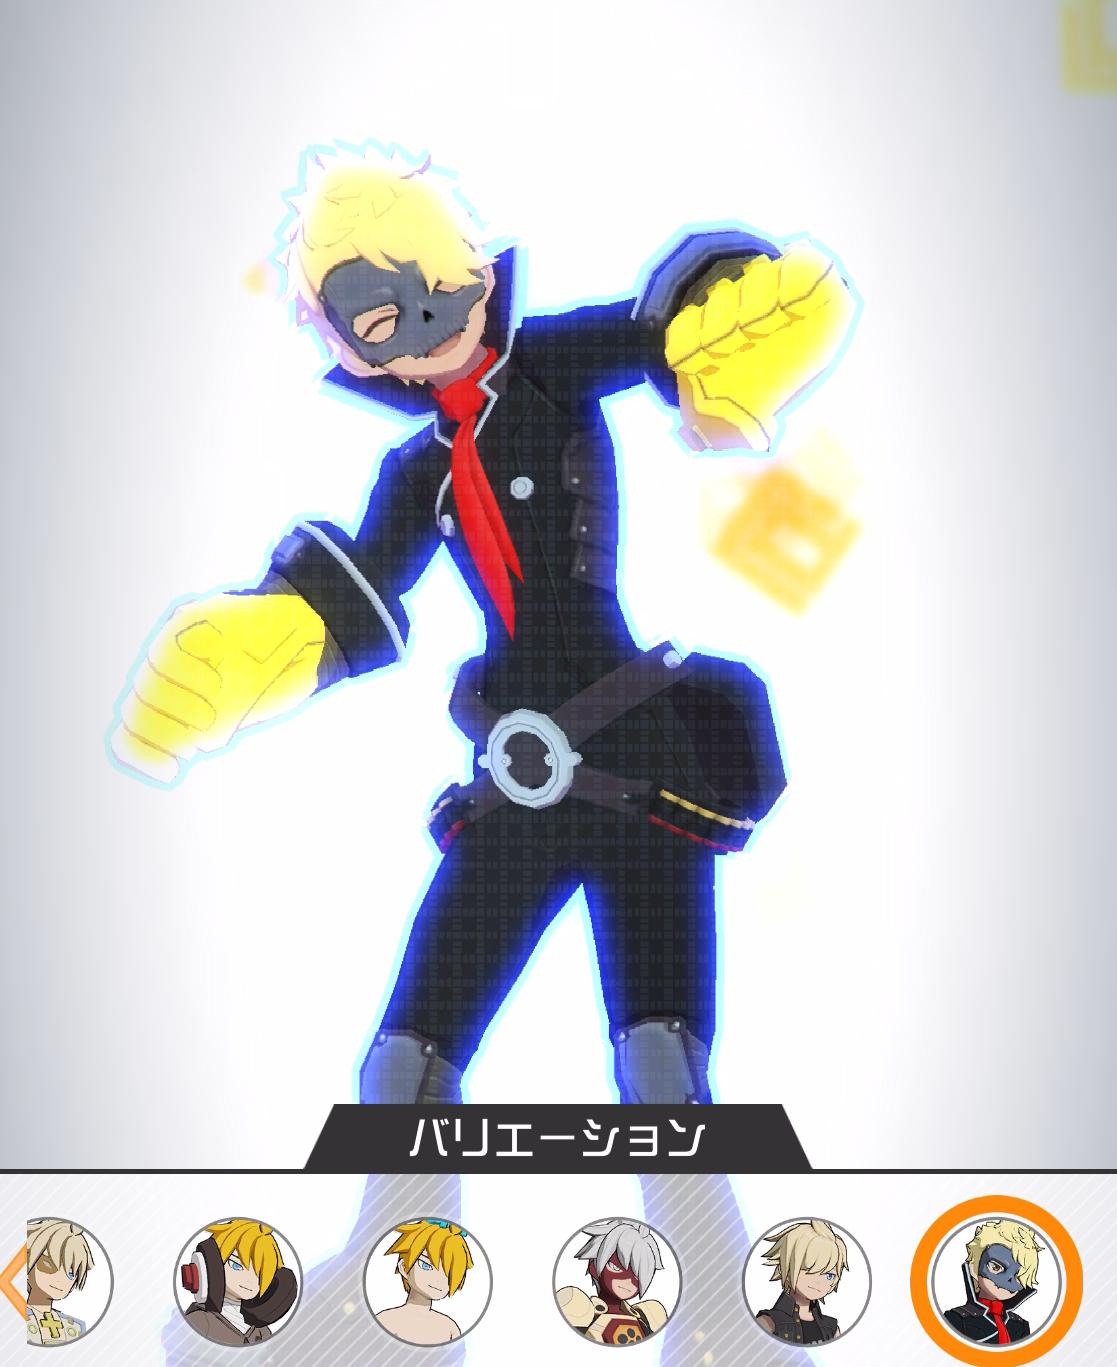 #コンパス【カード】: 『ペルソナ5』コラボカード&コスチューム紹介!新型背後ワープに秘められた無限の可能性!!